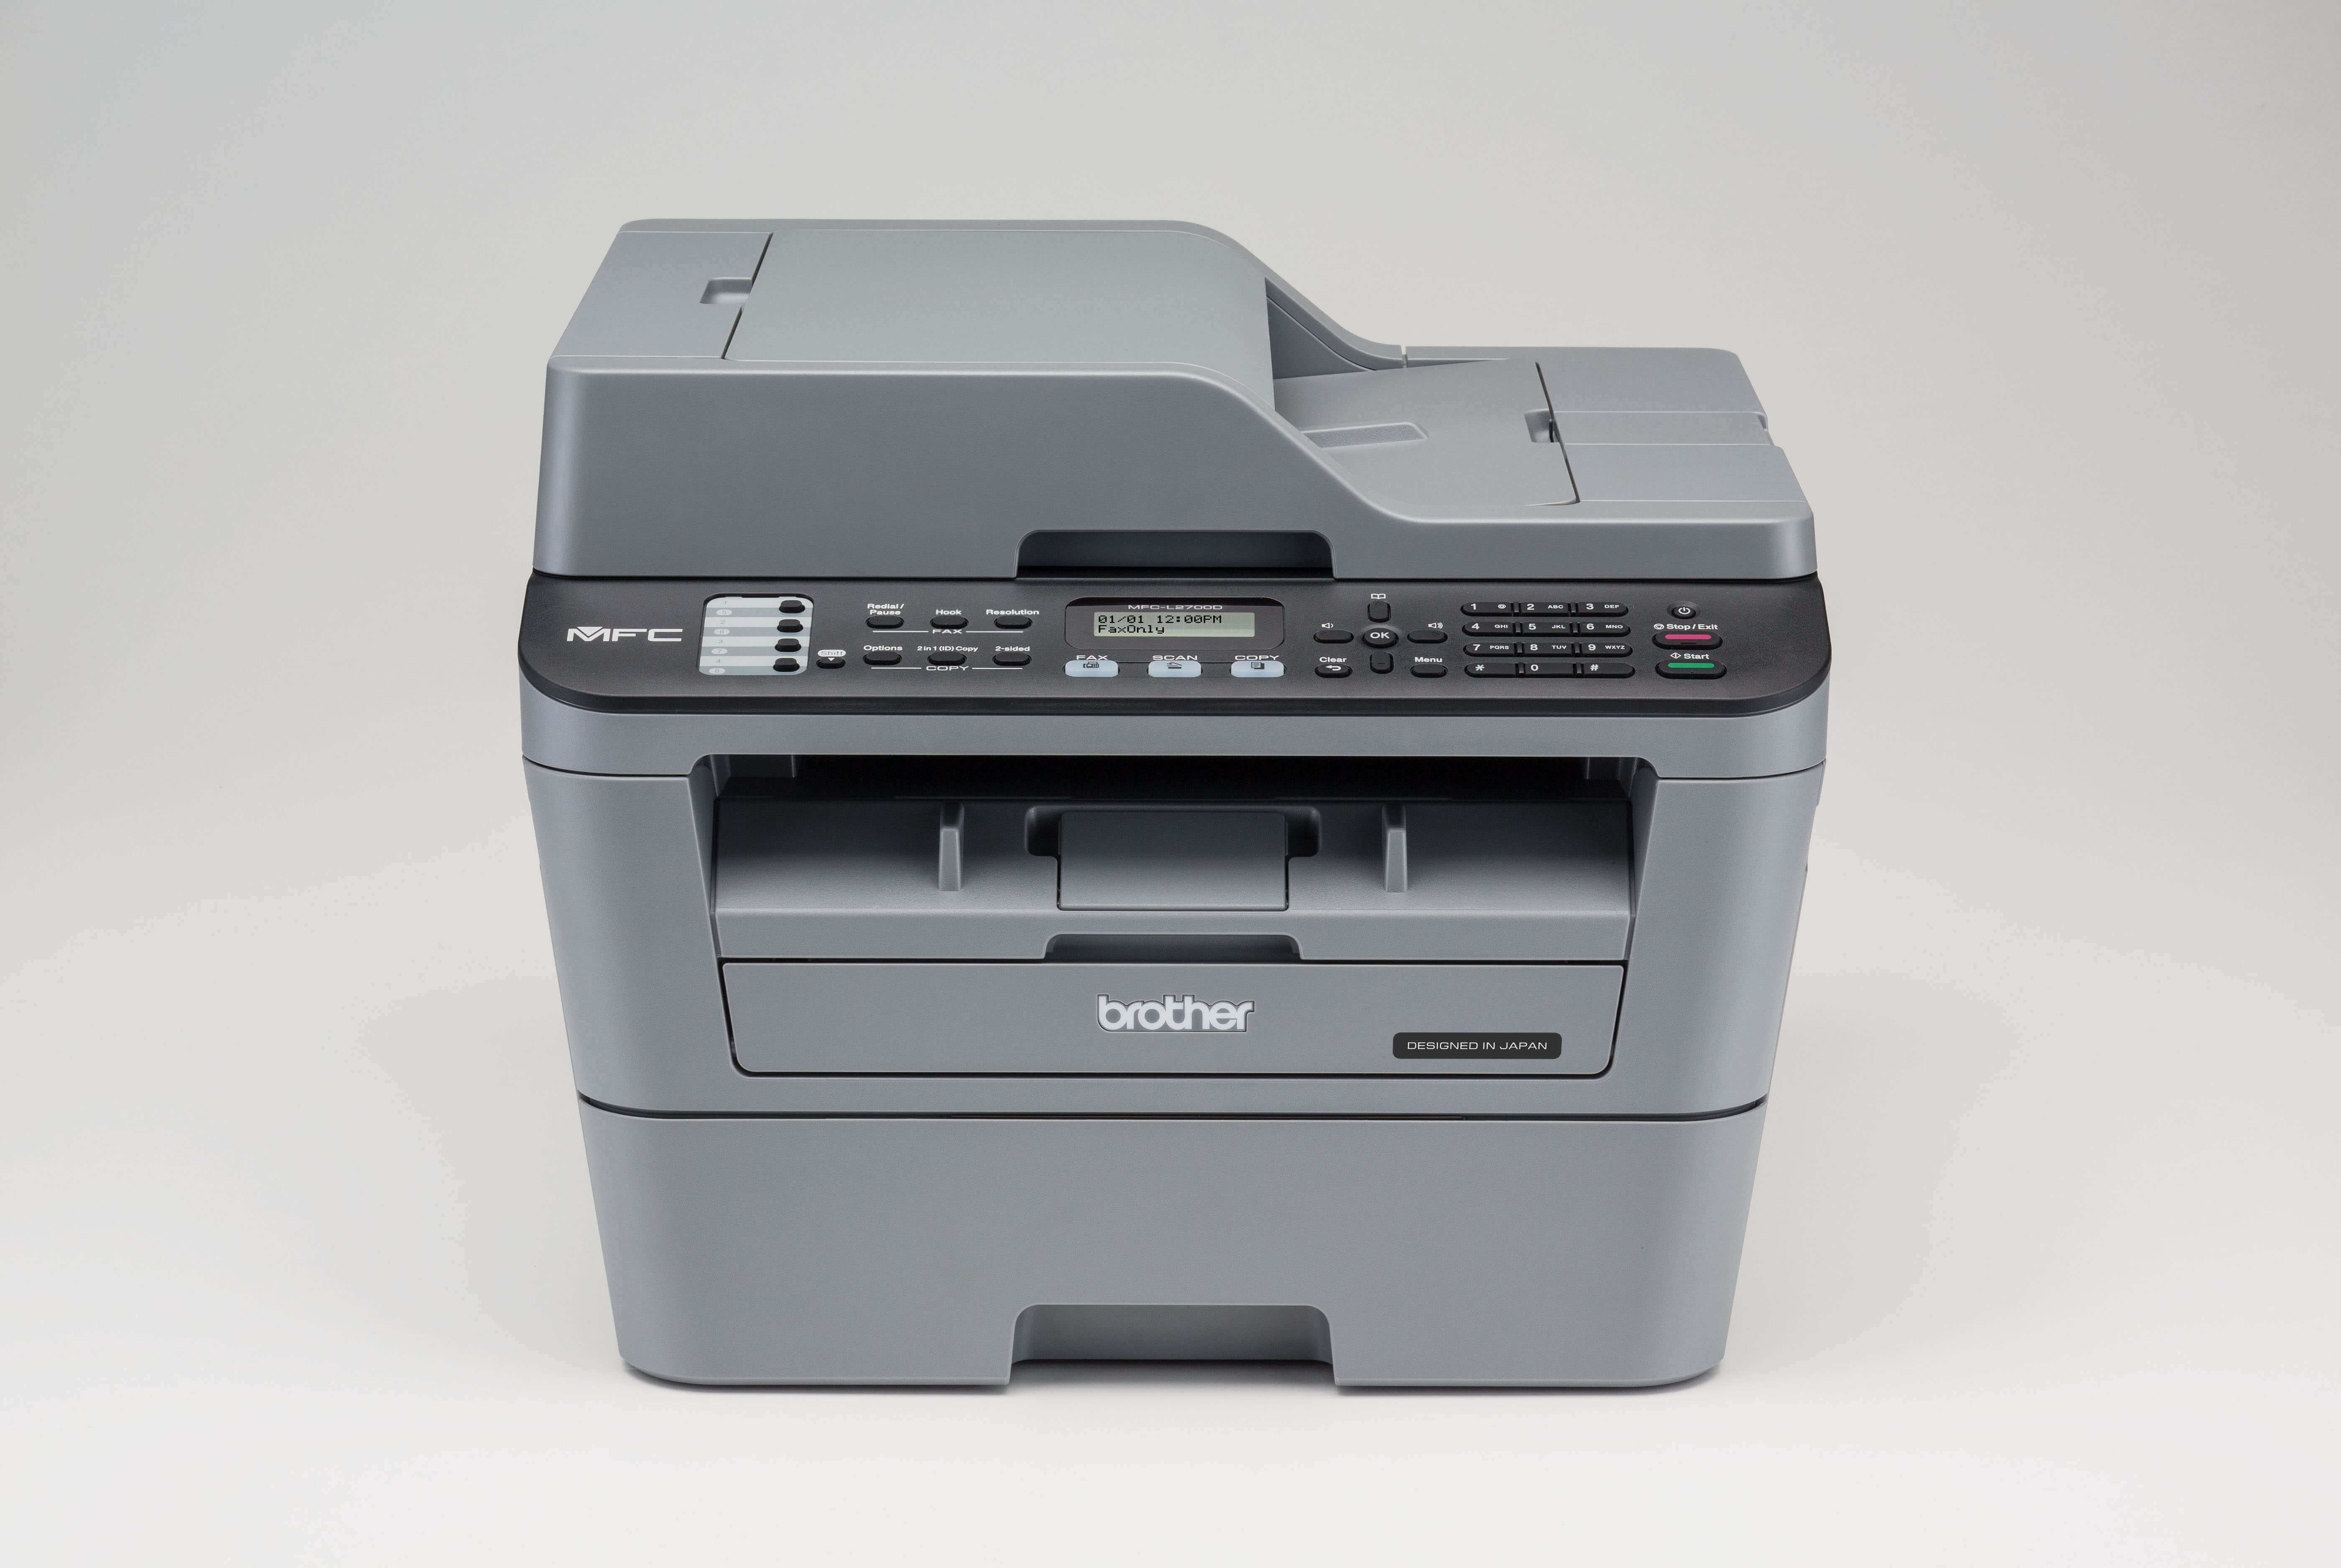 เครื่องพิมพ์มัลติฯเลเซอร์ Brother MFC-L2700D